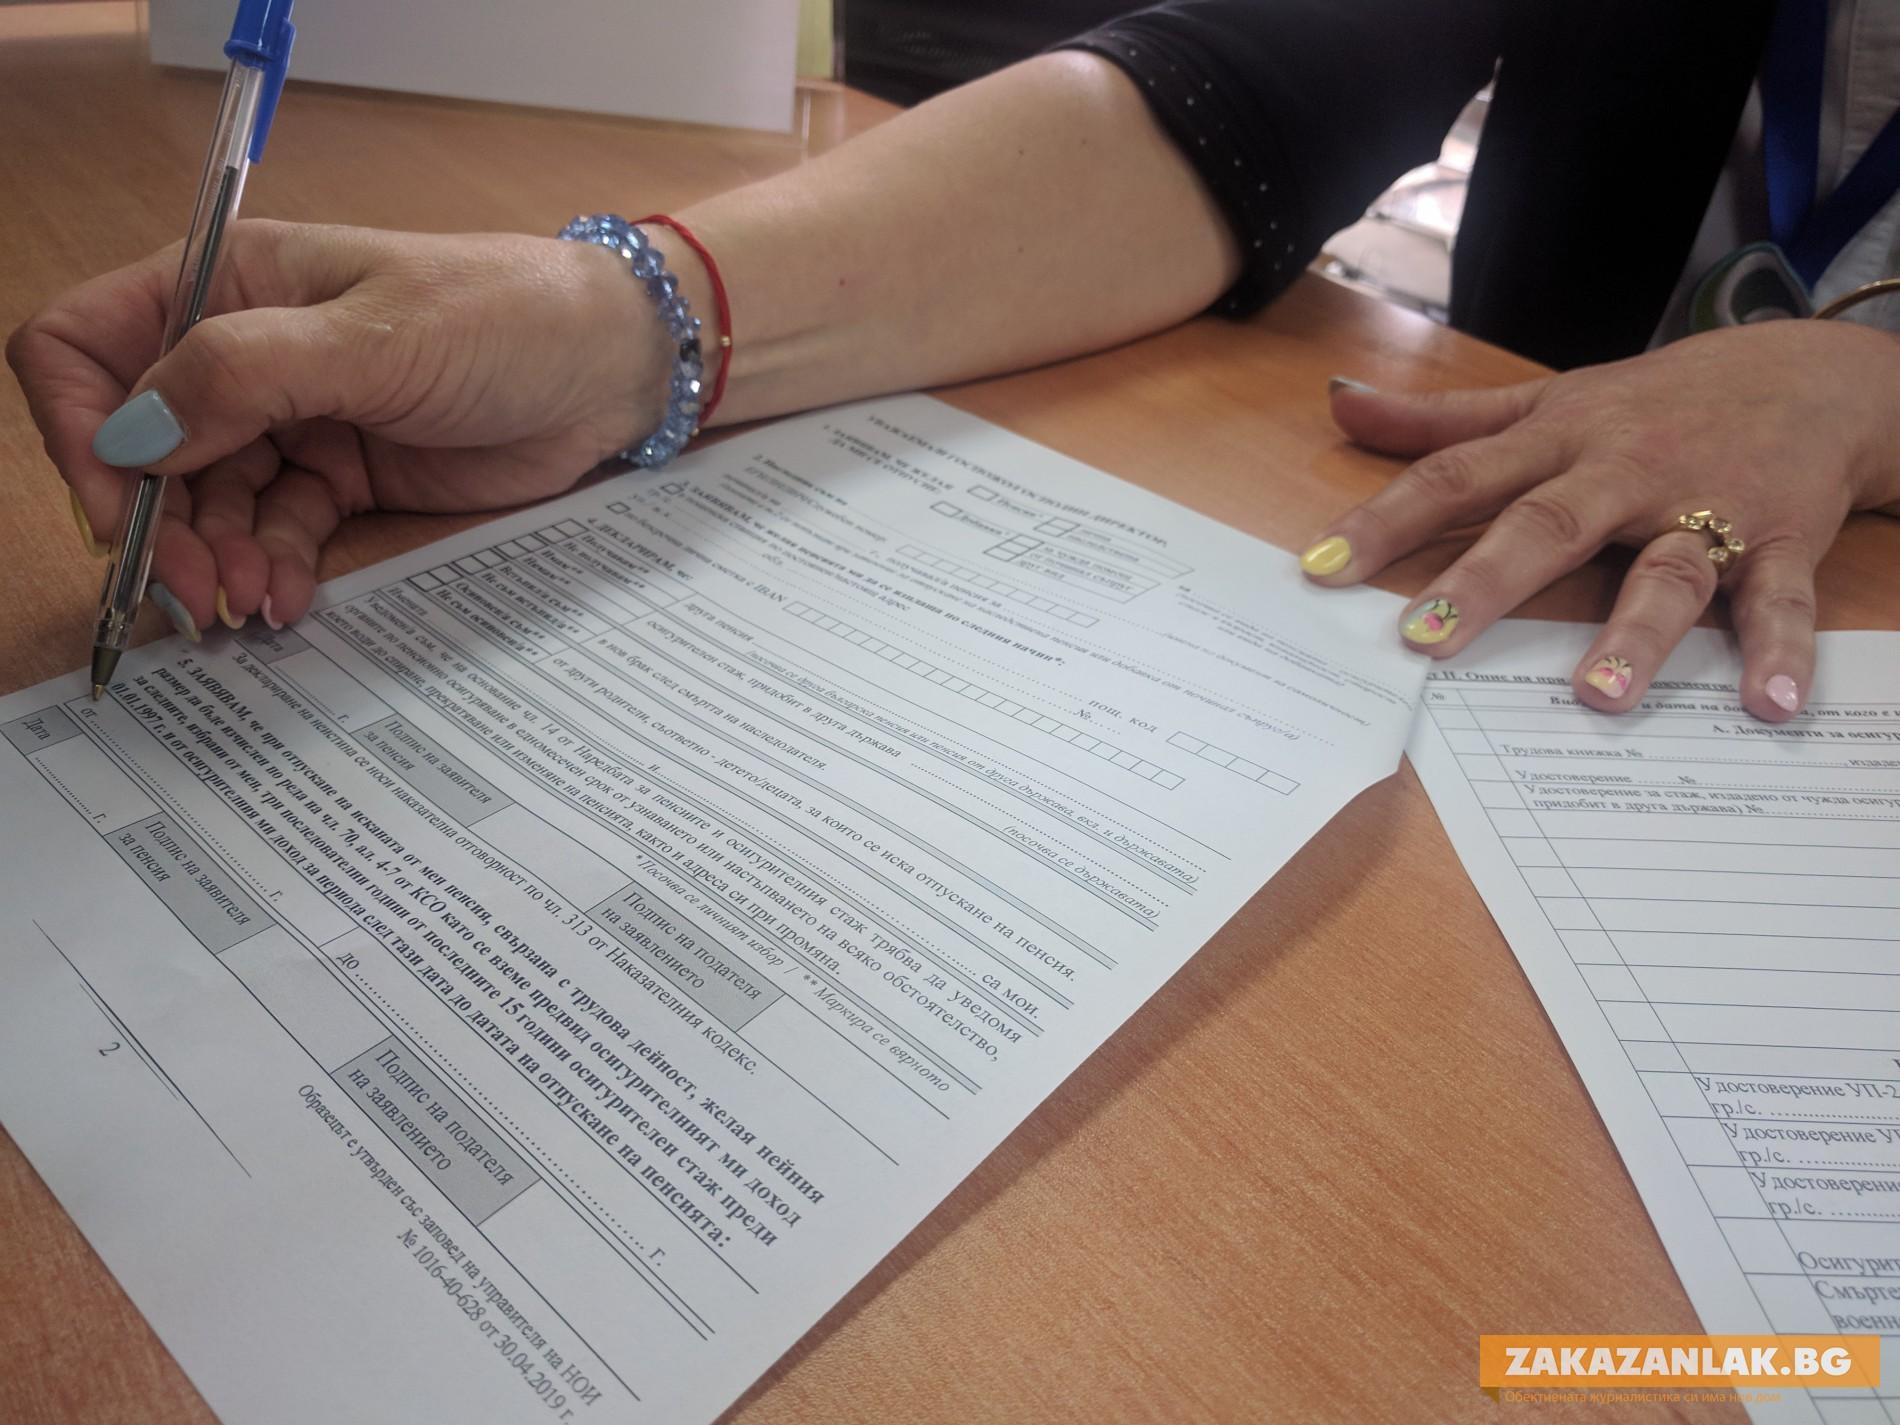 Очакват се нови срокове за прехвърляне на втората пенсия